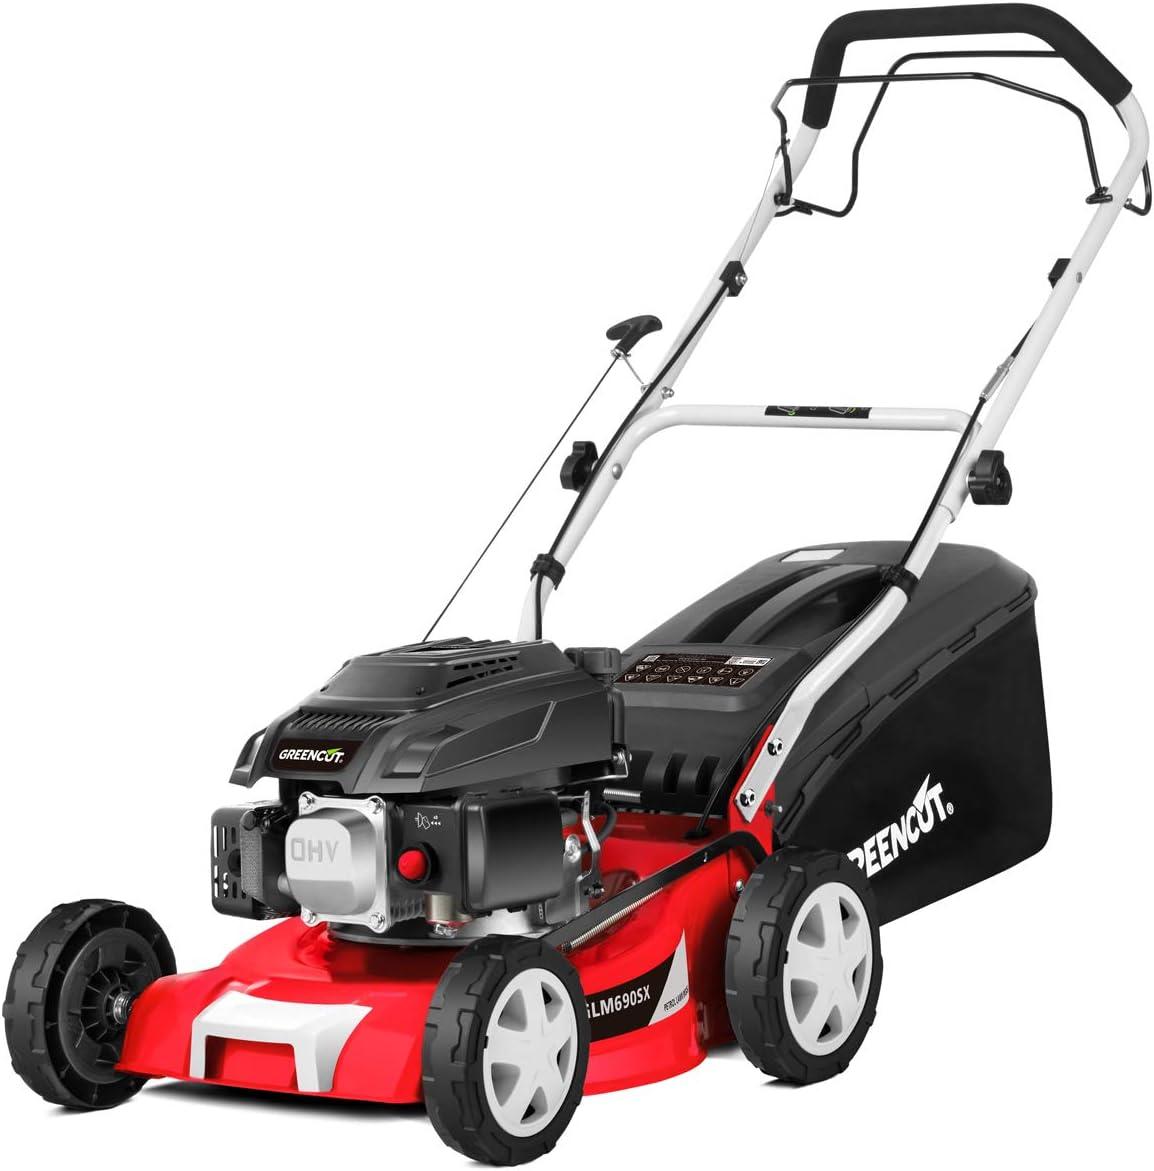 GREENCUT GLM690X - Cortacésped autopropulsado de gasolina 139cc y 5cv con arranque manual y ancho de corte de 407mm (16